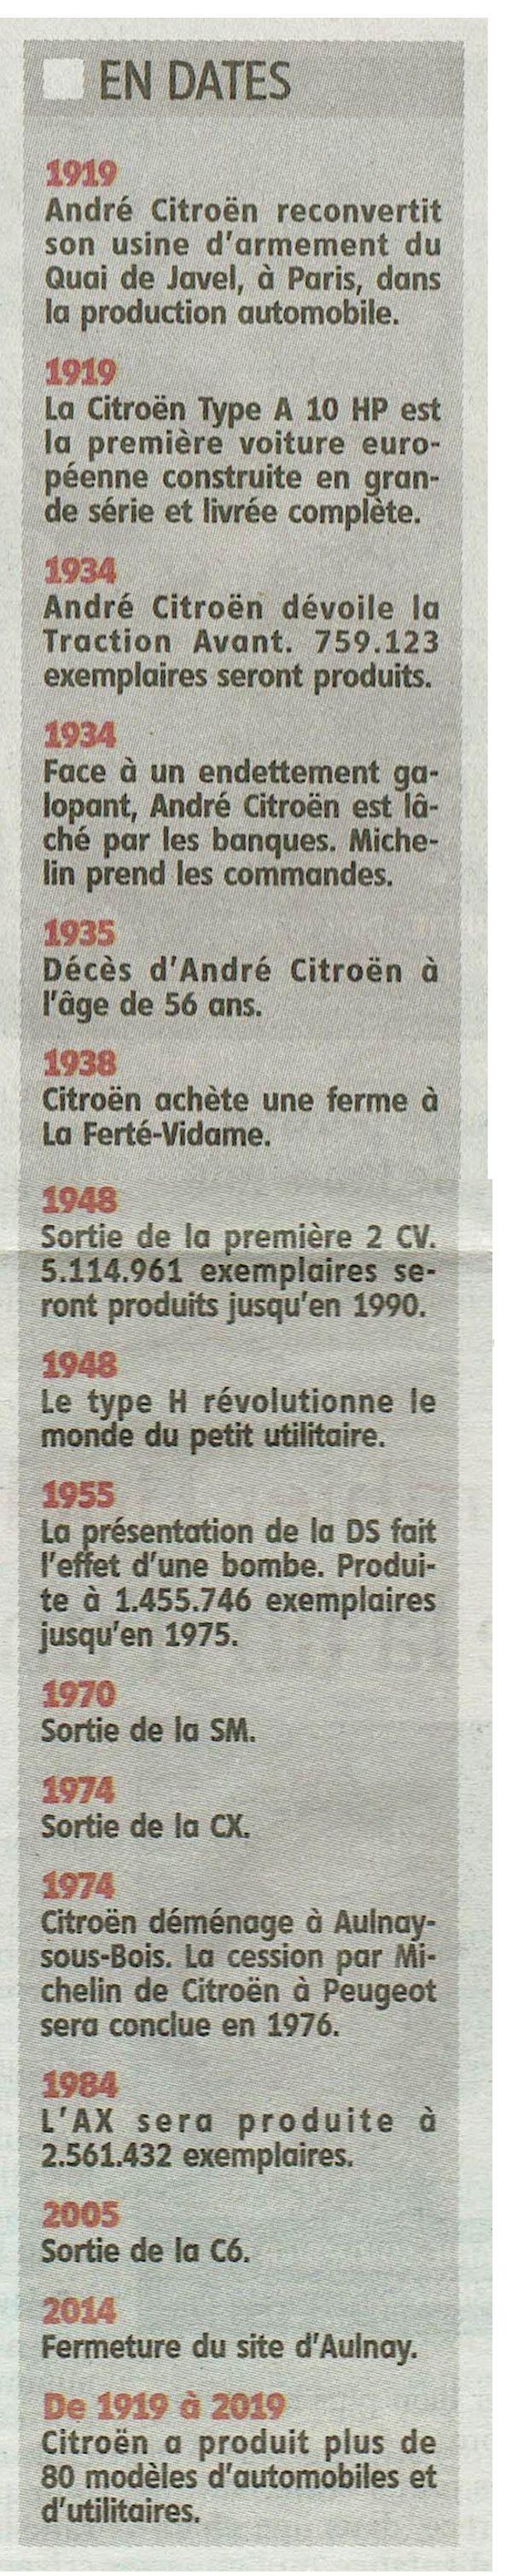 Les 100 ans de Citroen - Page 3 423